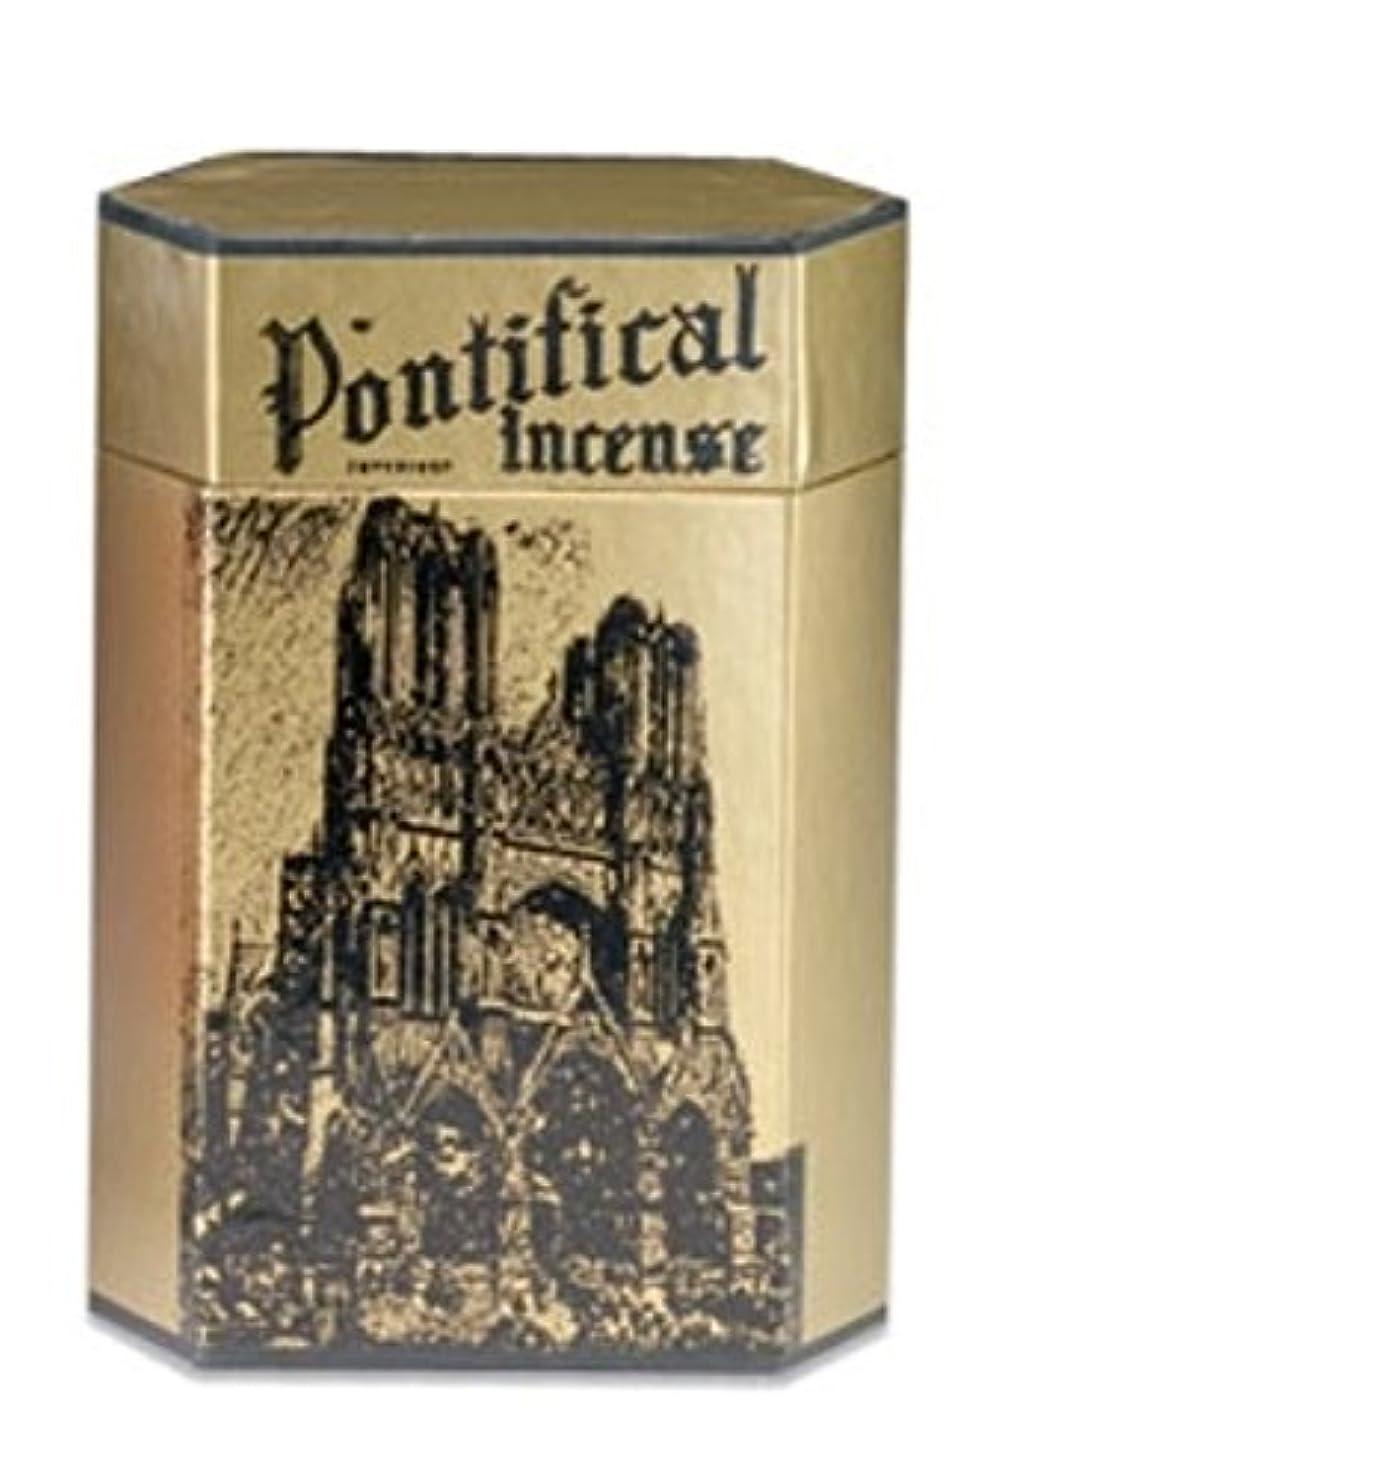 抜本的な衝突コース慈悲Pontifical Incense Incense 1lb – Christianブランド教会供給